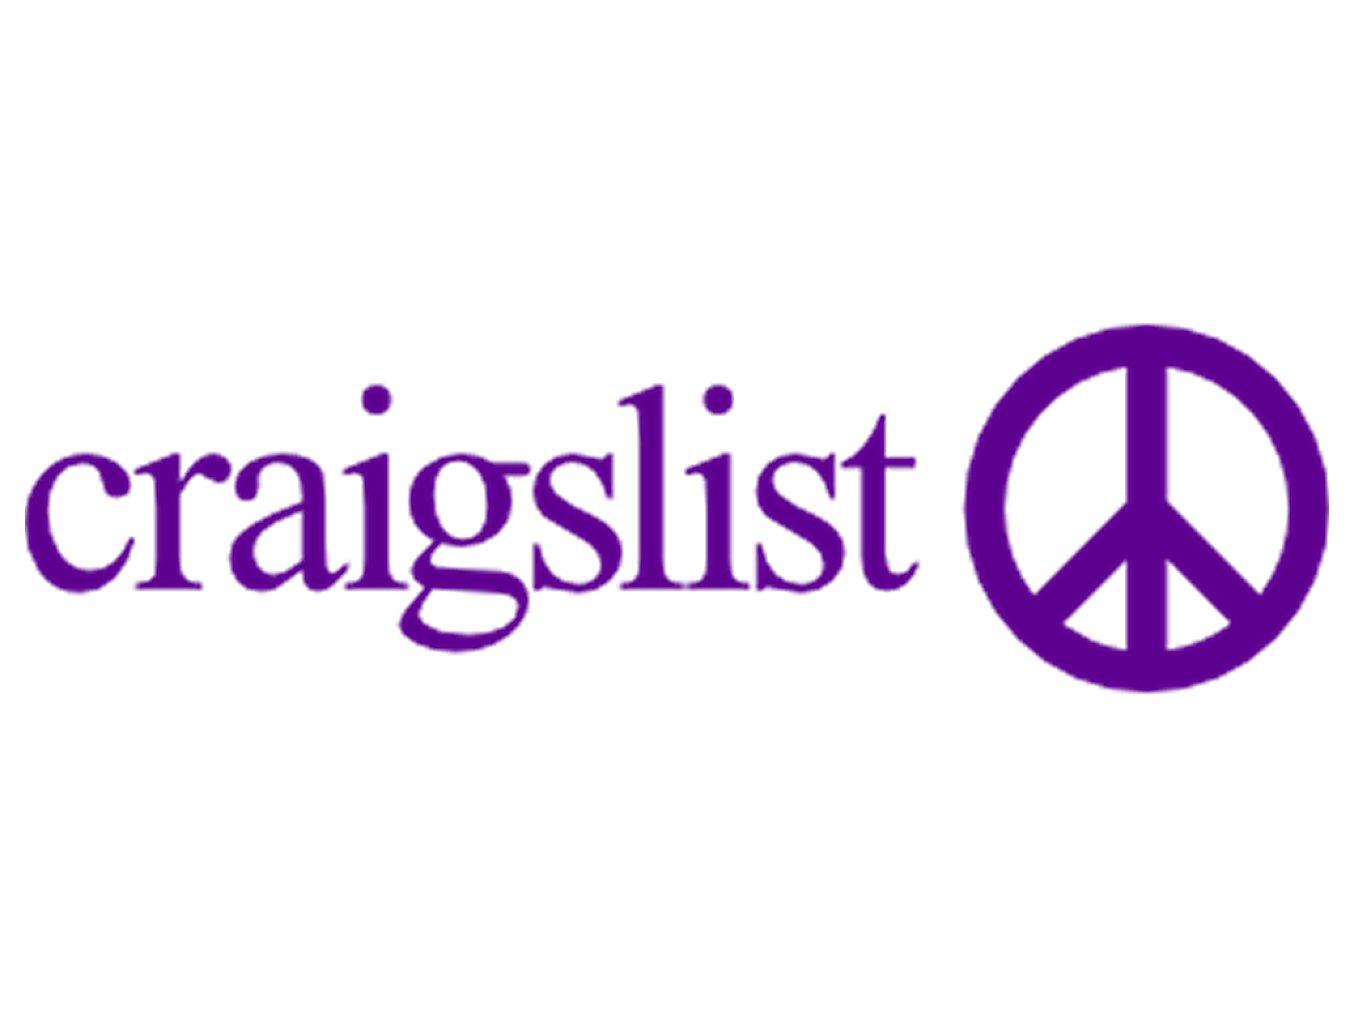 Image result for craigslist logo png